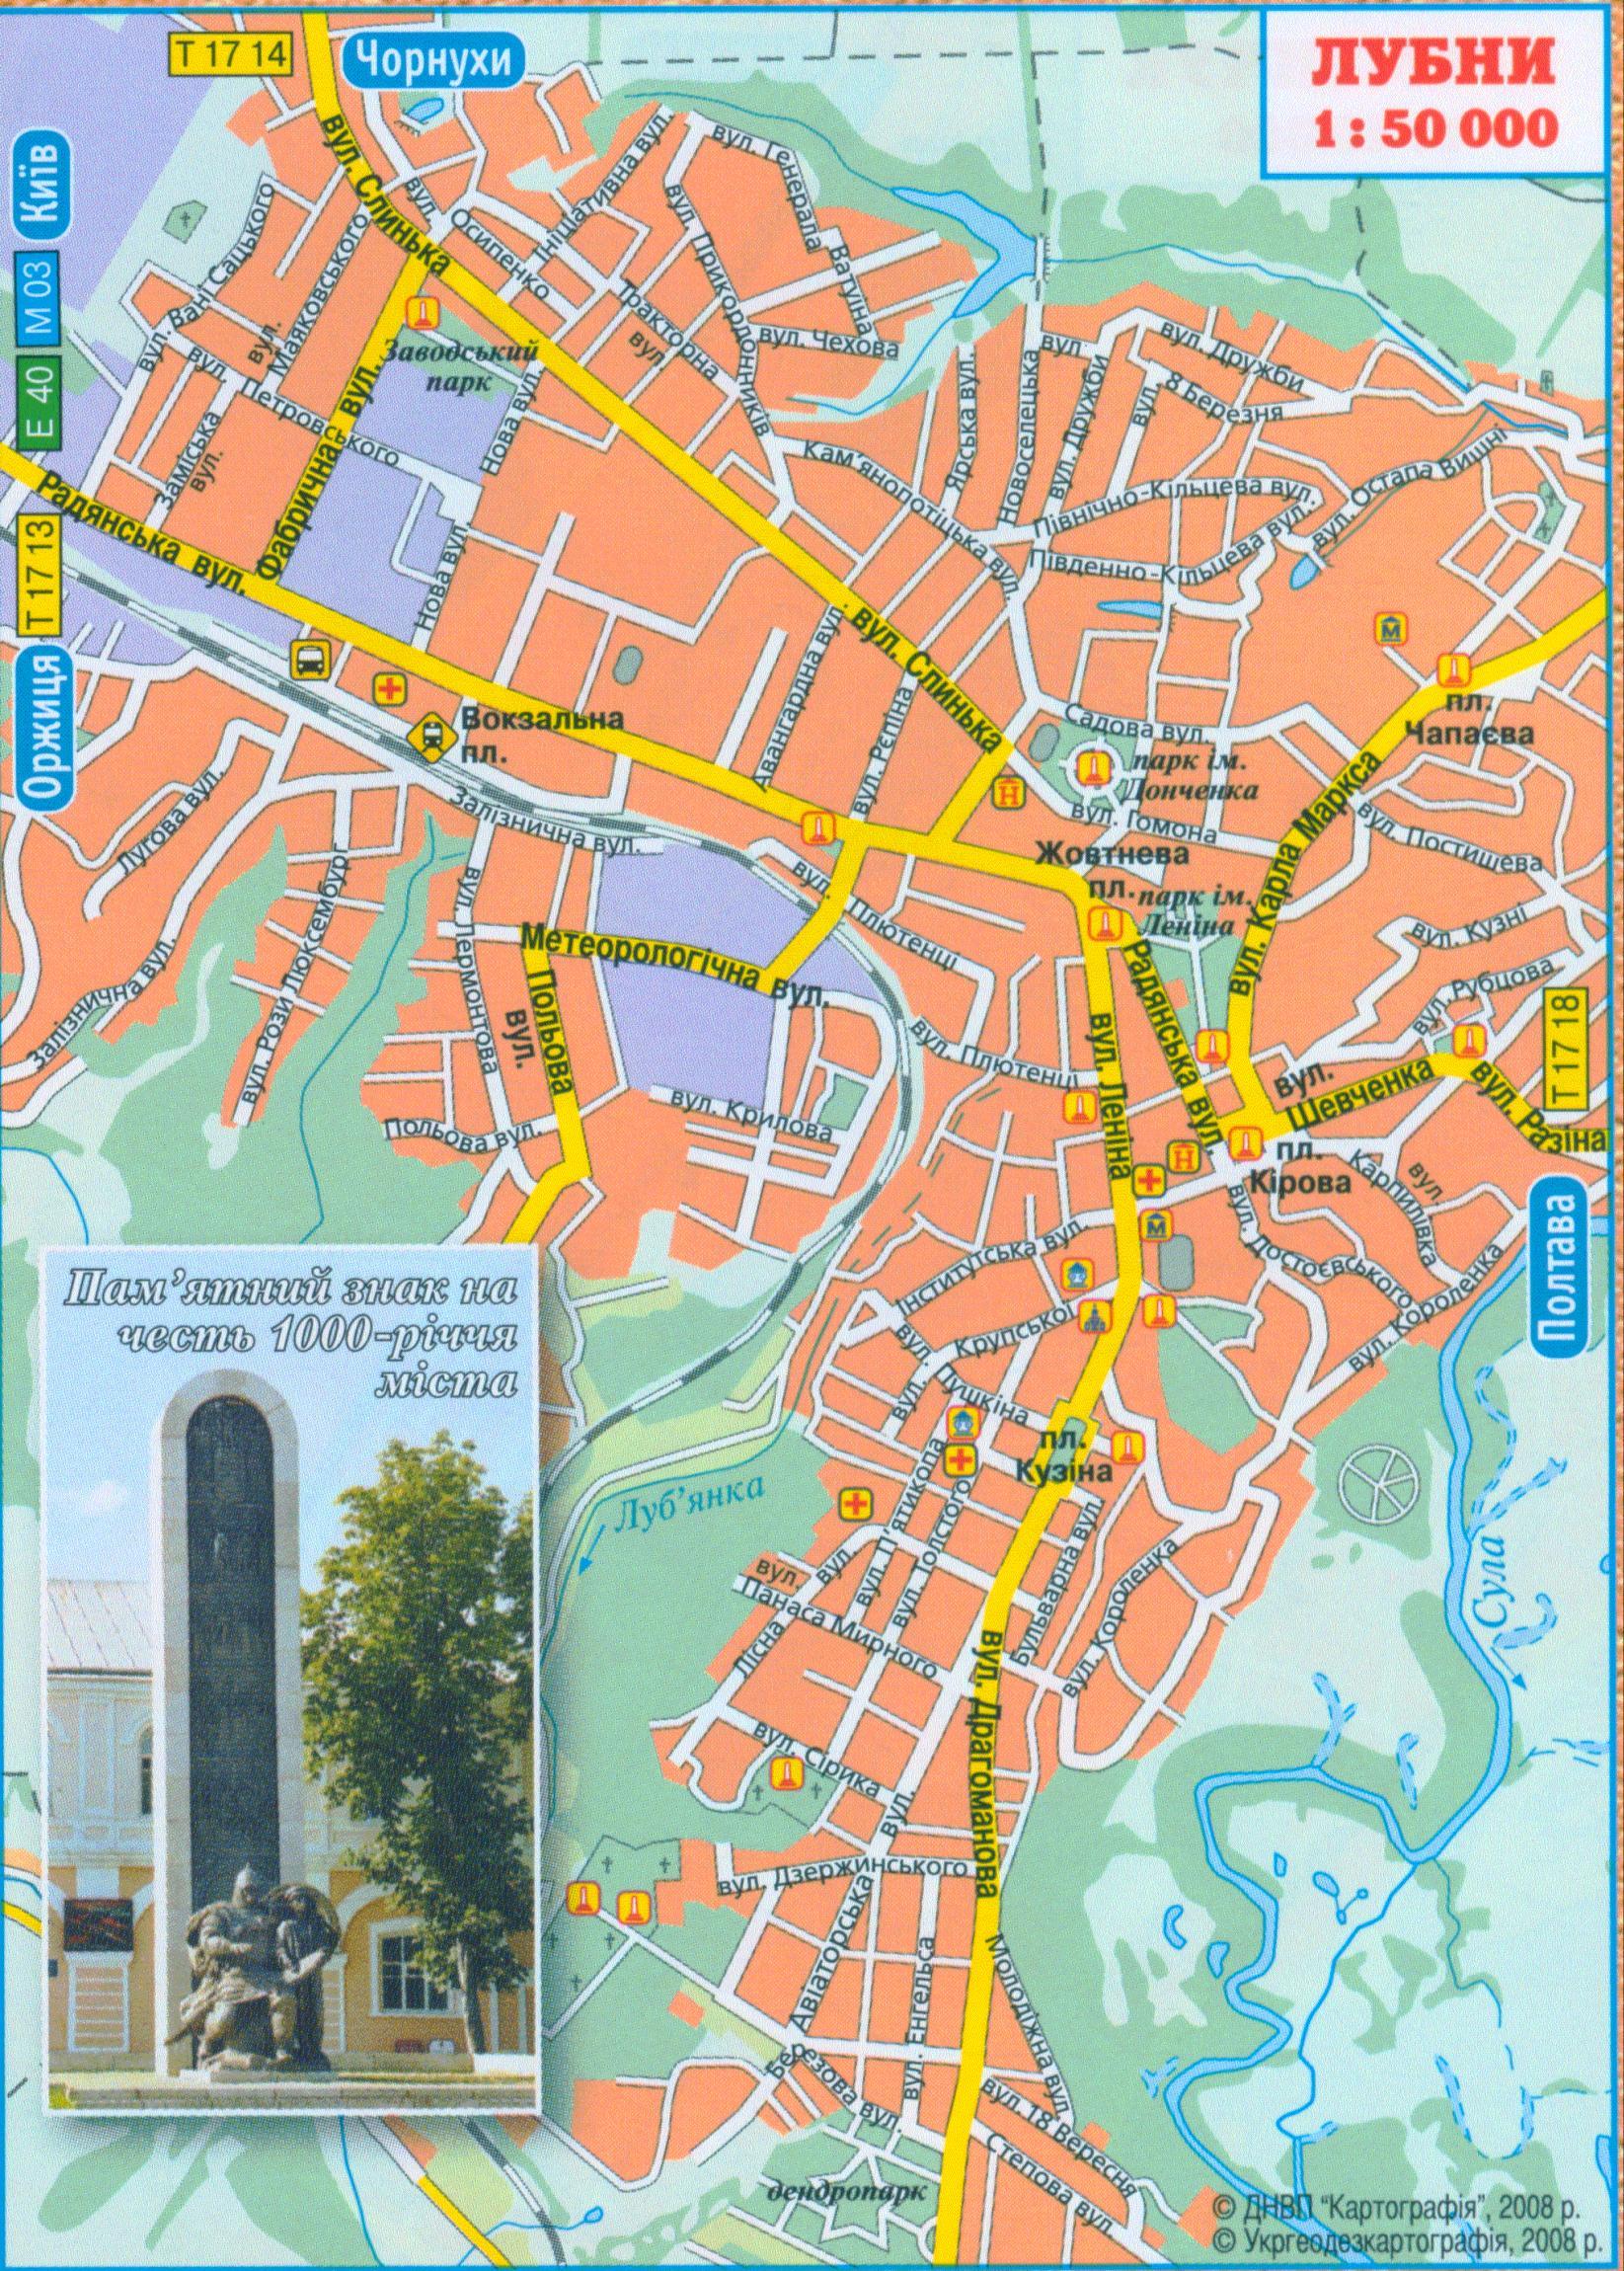 Карта города Лубны